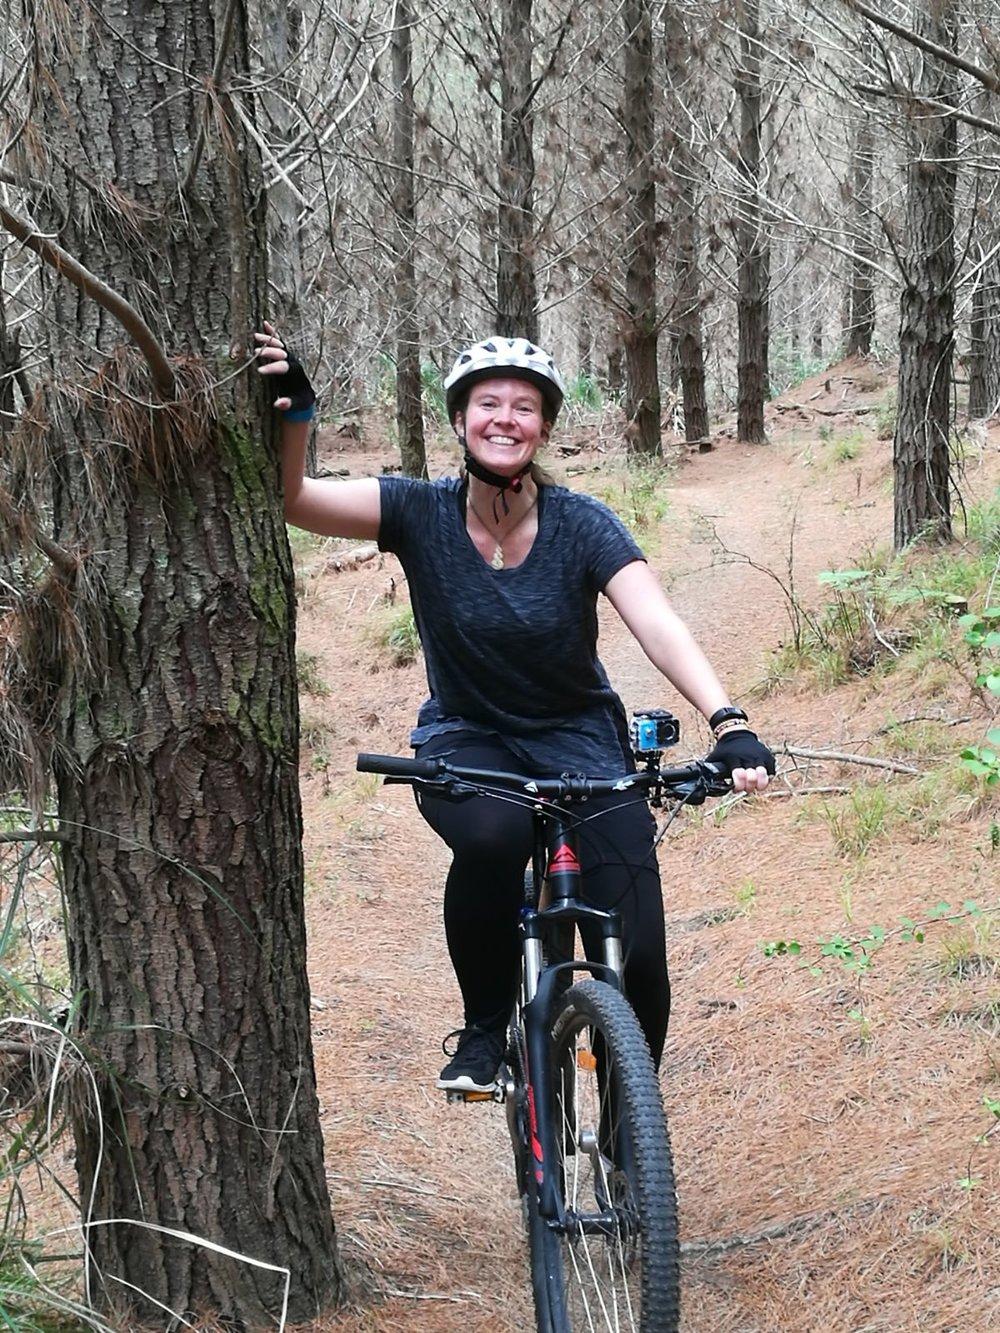 20171021_new_zealand_woodhill_alex_bike_riding.jpg